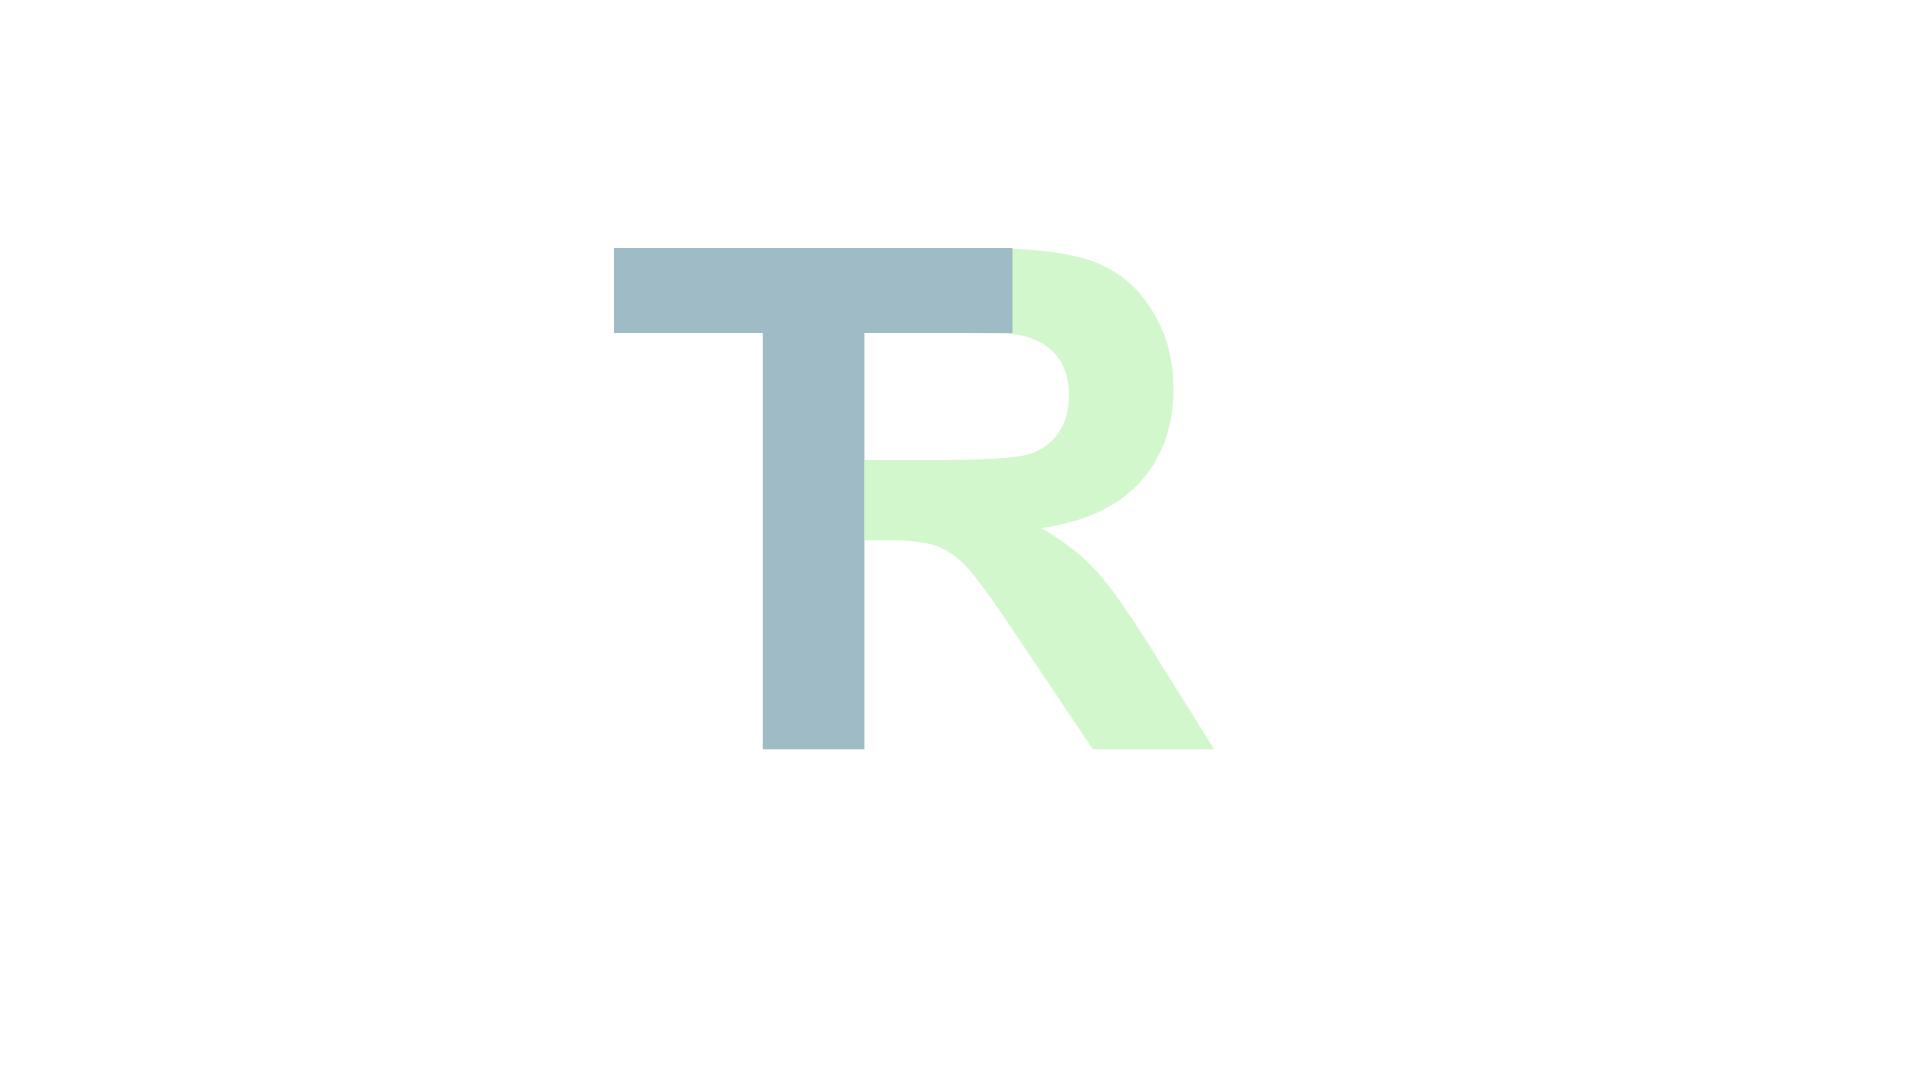 Logo Pt 1.png